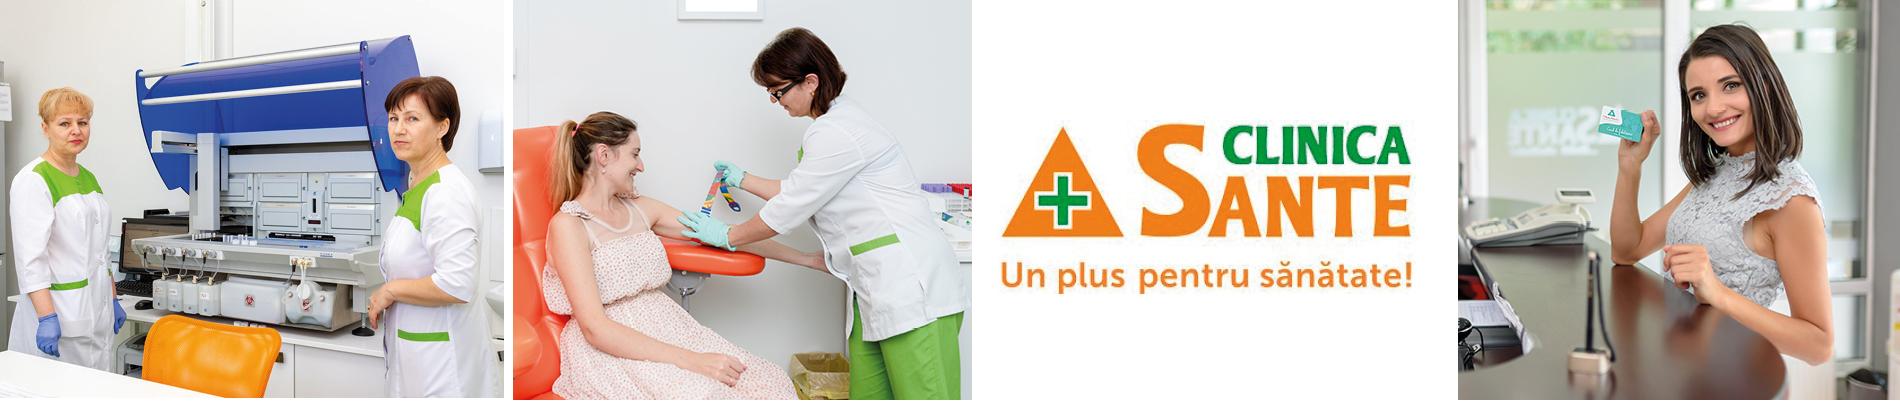 clinica sante moldova